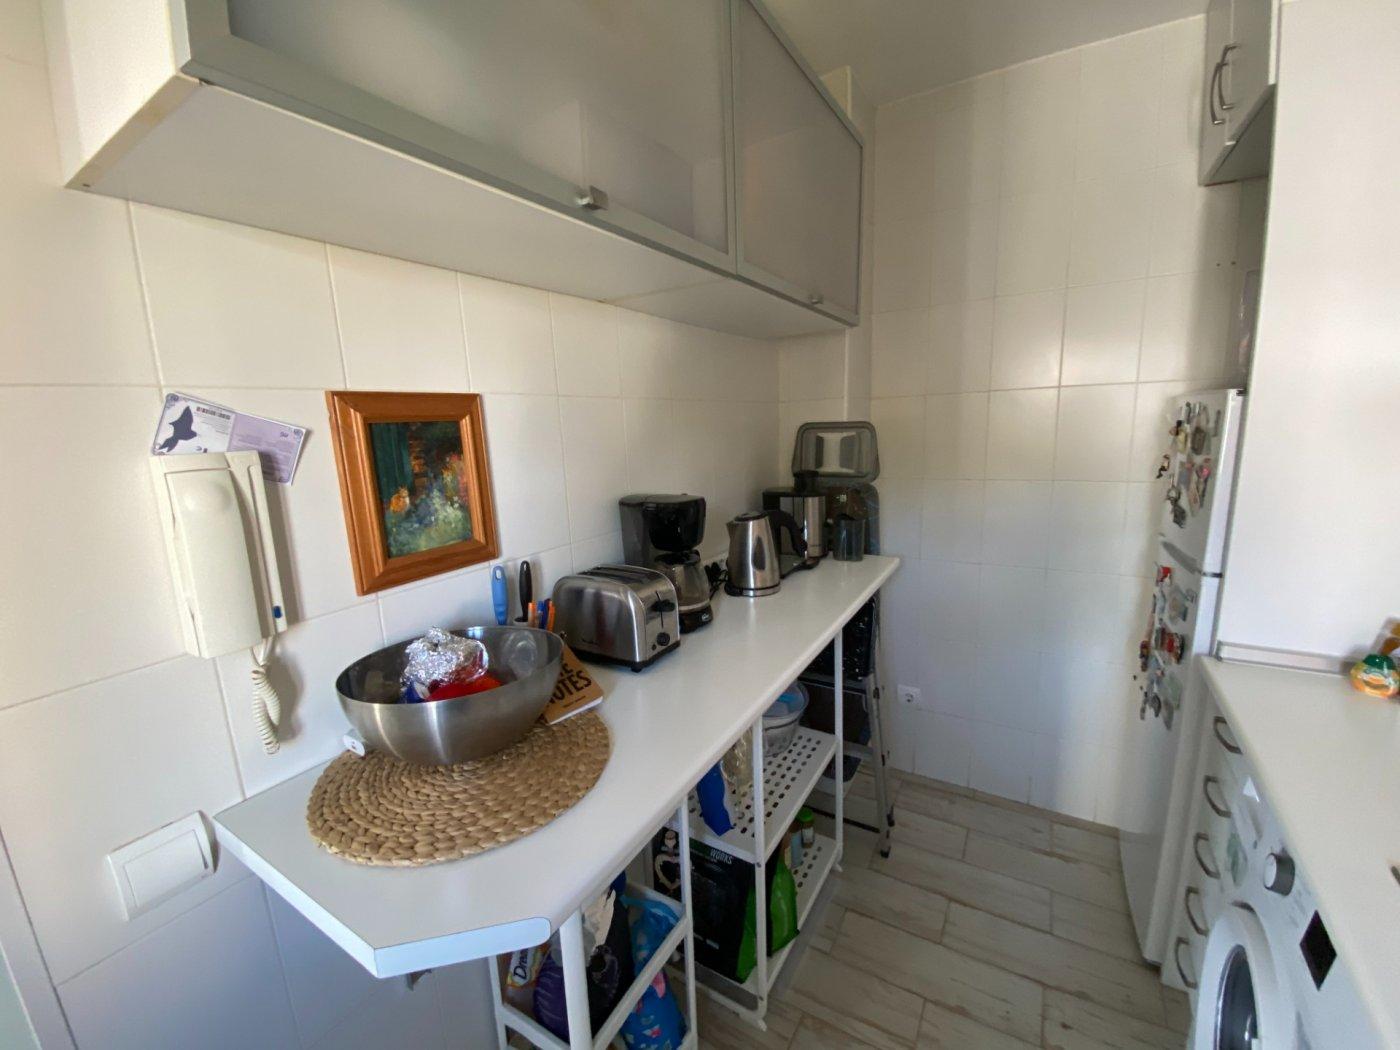 Alquiler con opcion de compra!espectacular apartamento con vistas al mar y parking propio - imagenInmueble6